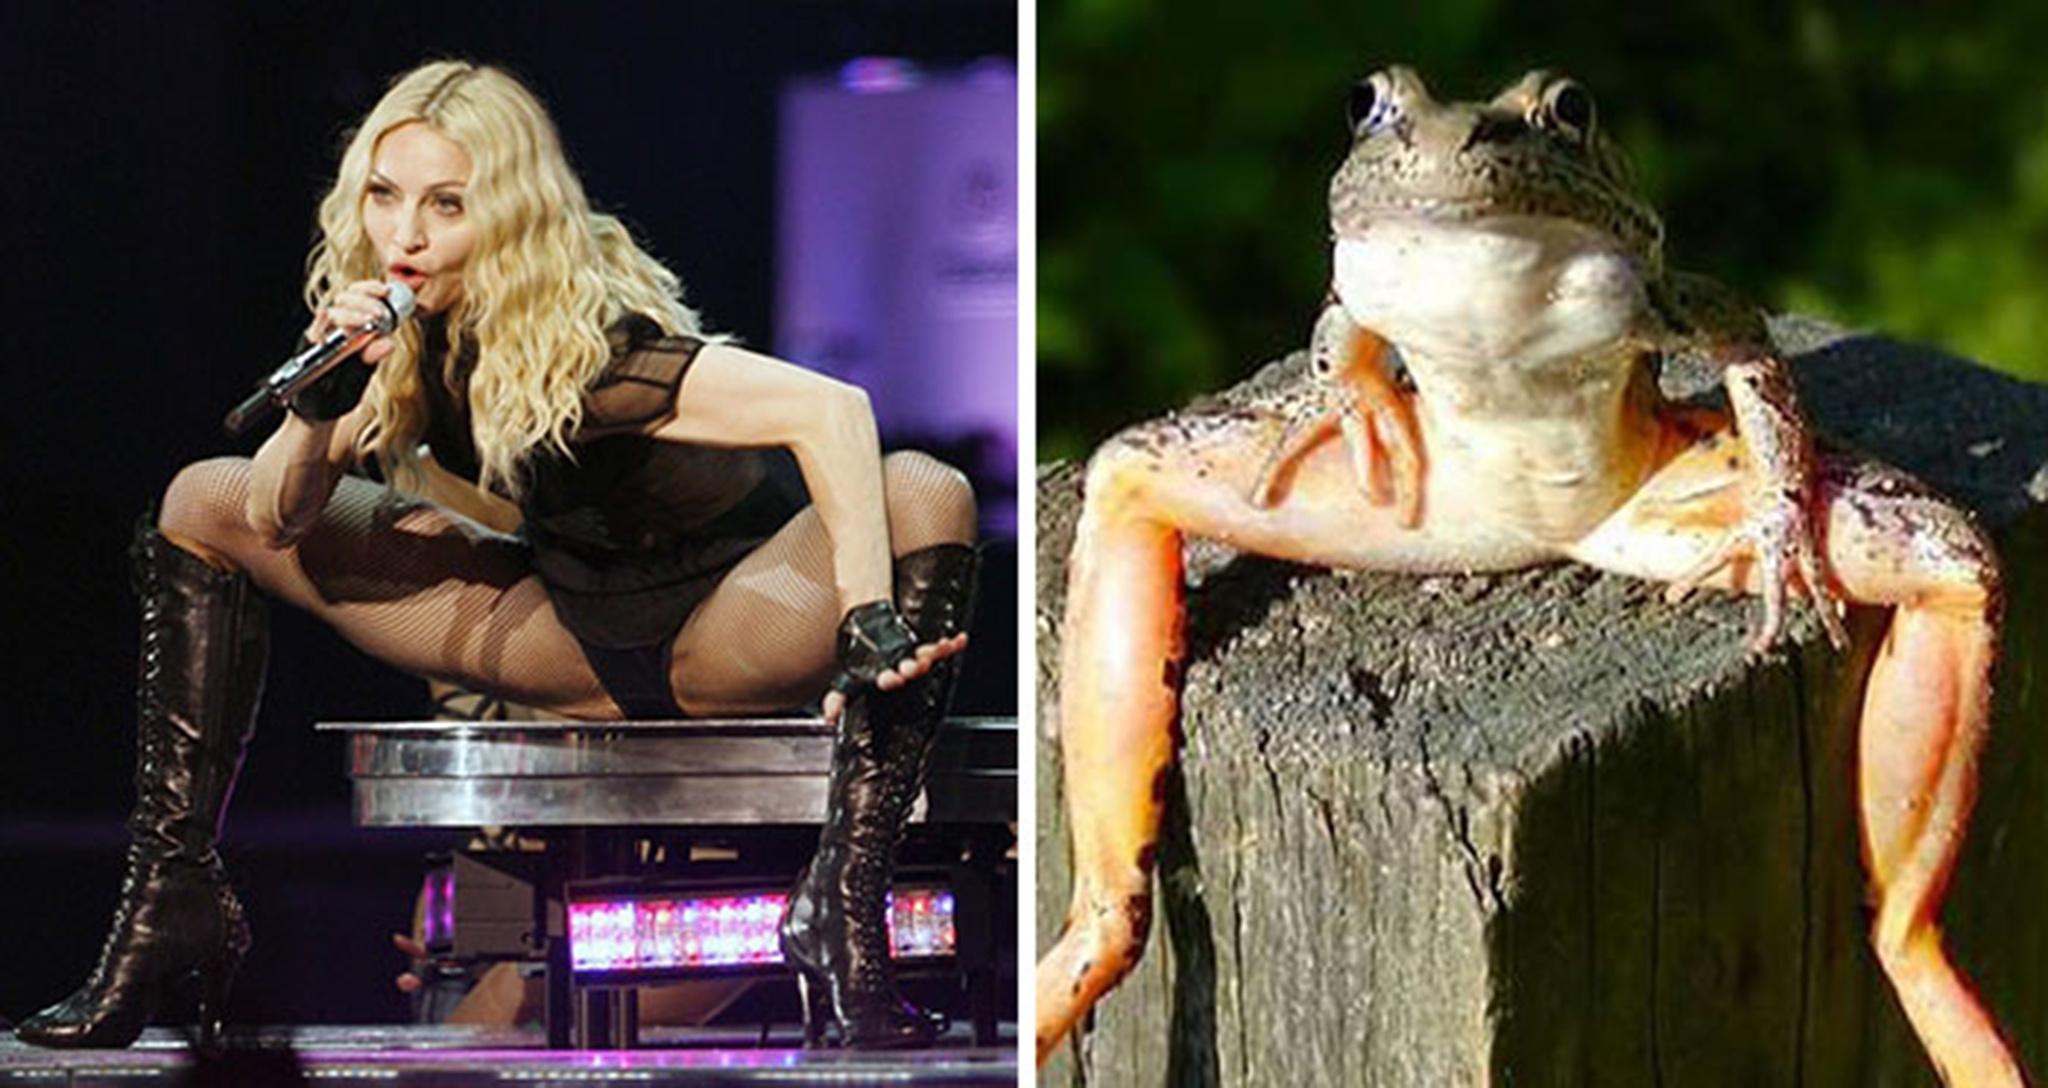 14 Madonna Looks Like A Frog